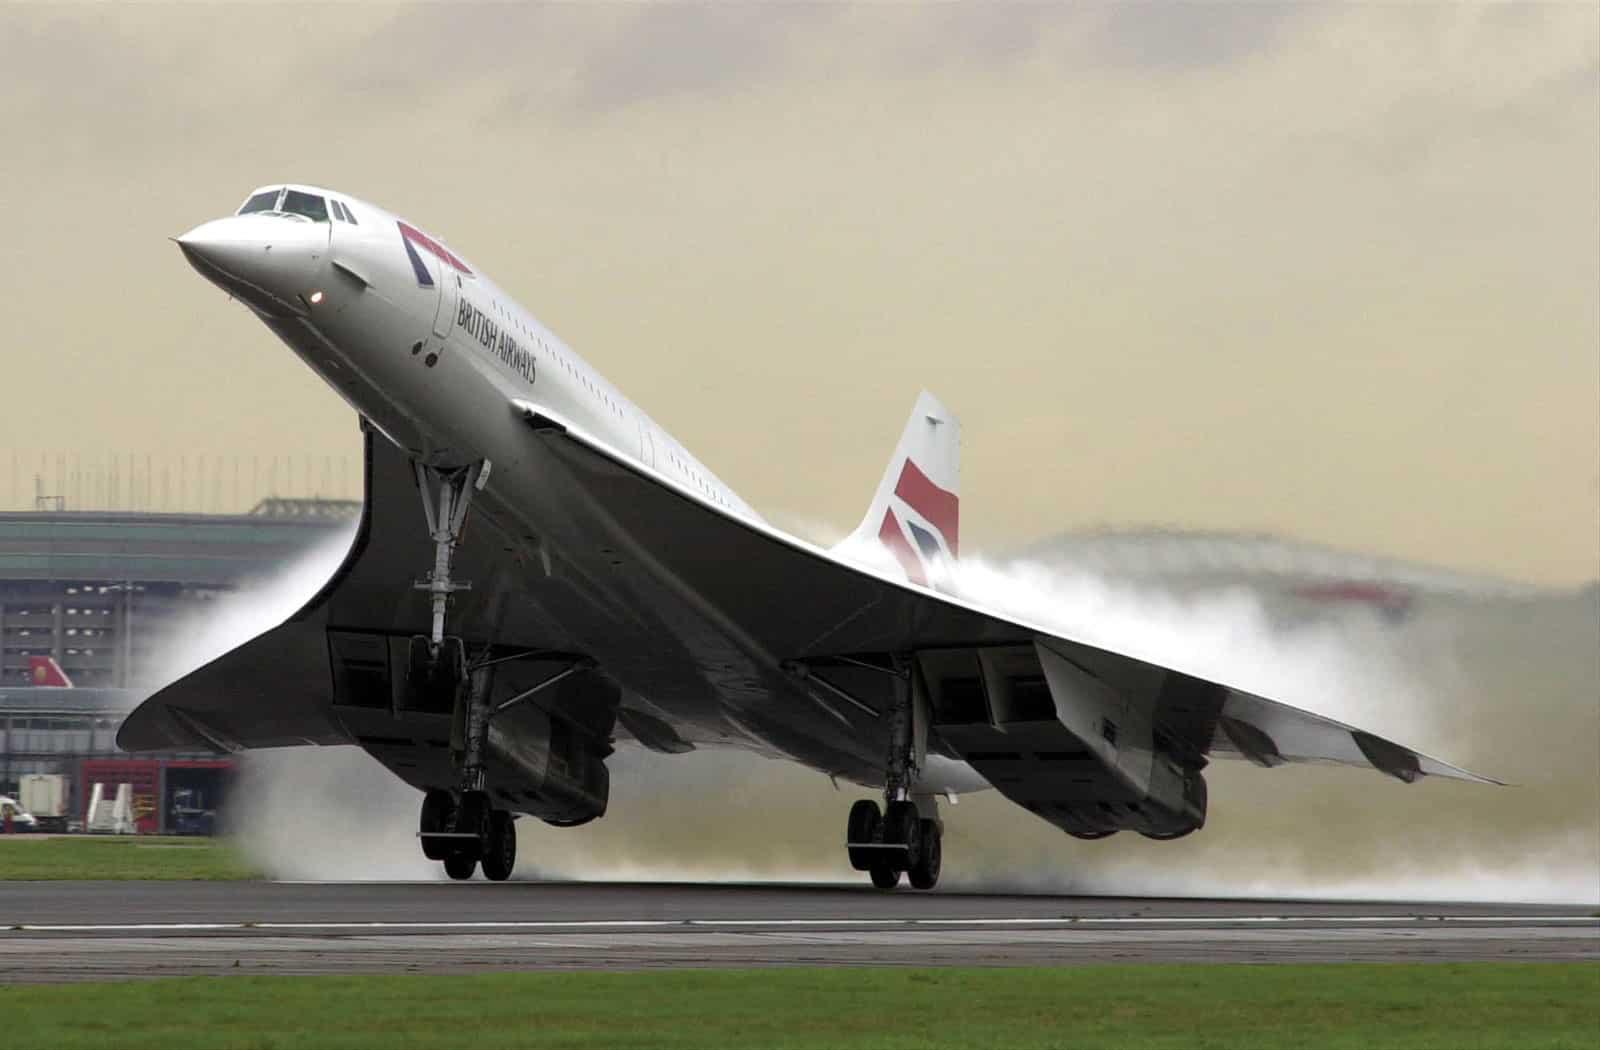 Concorde takes flight